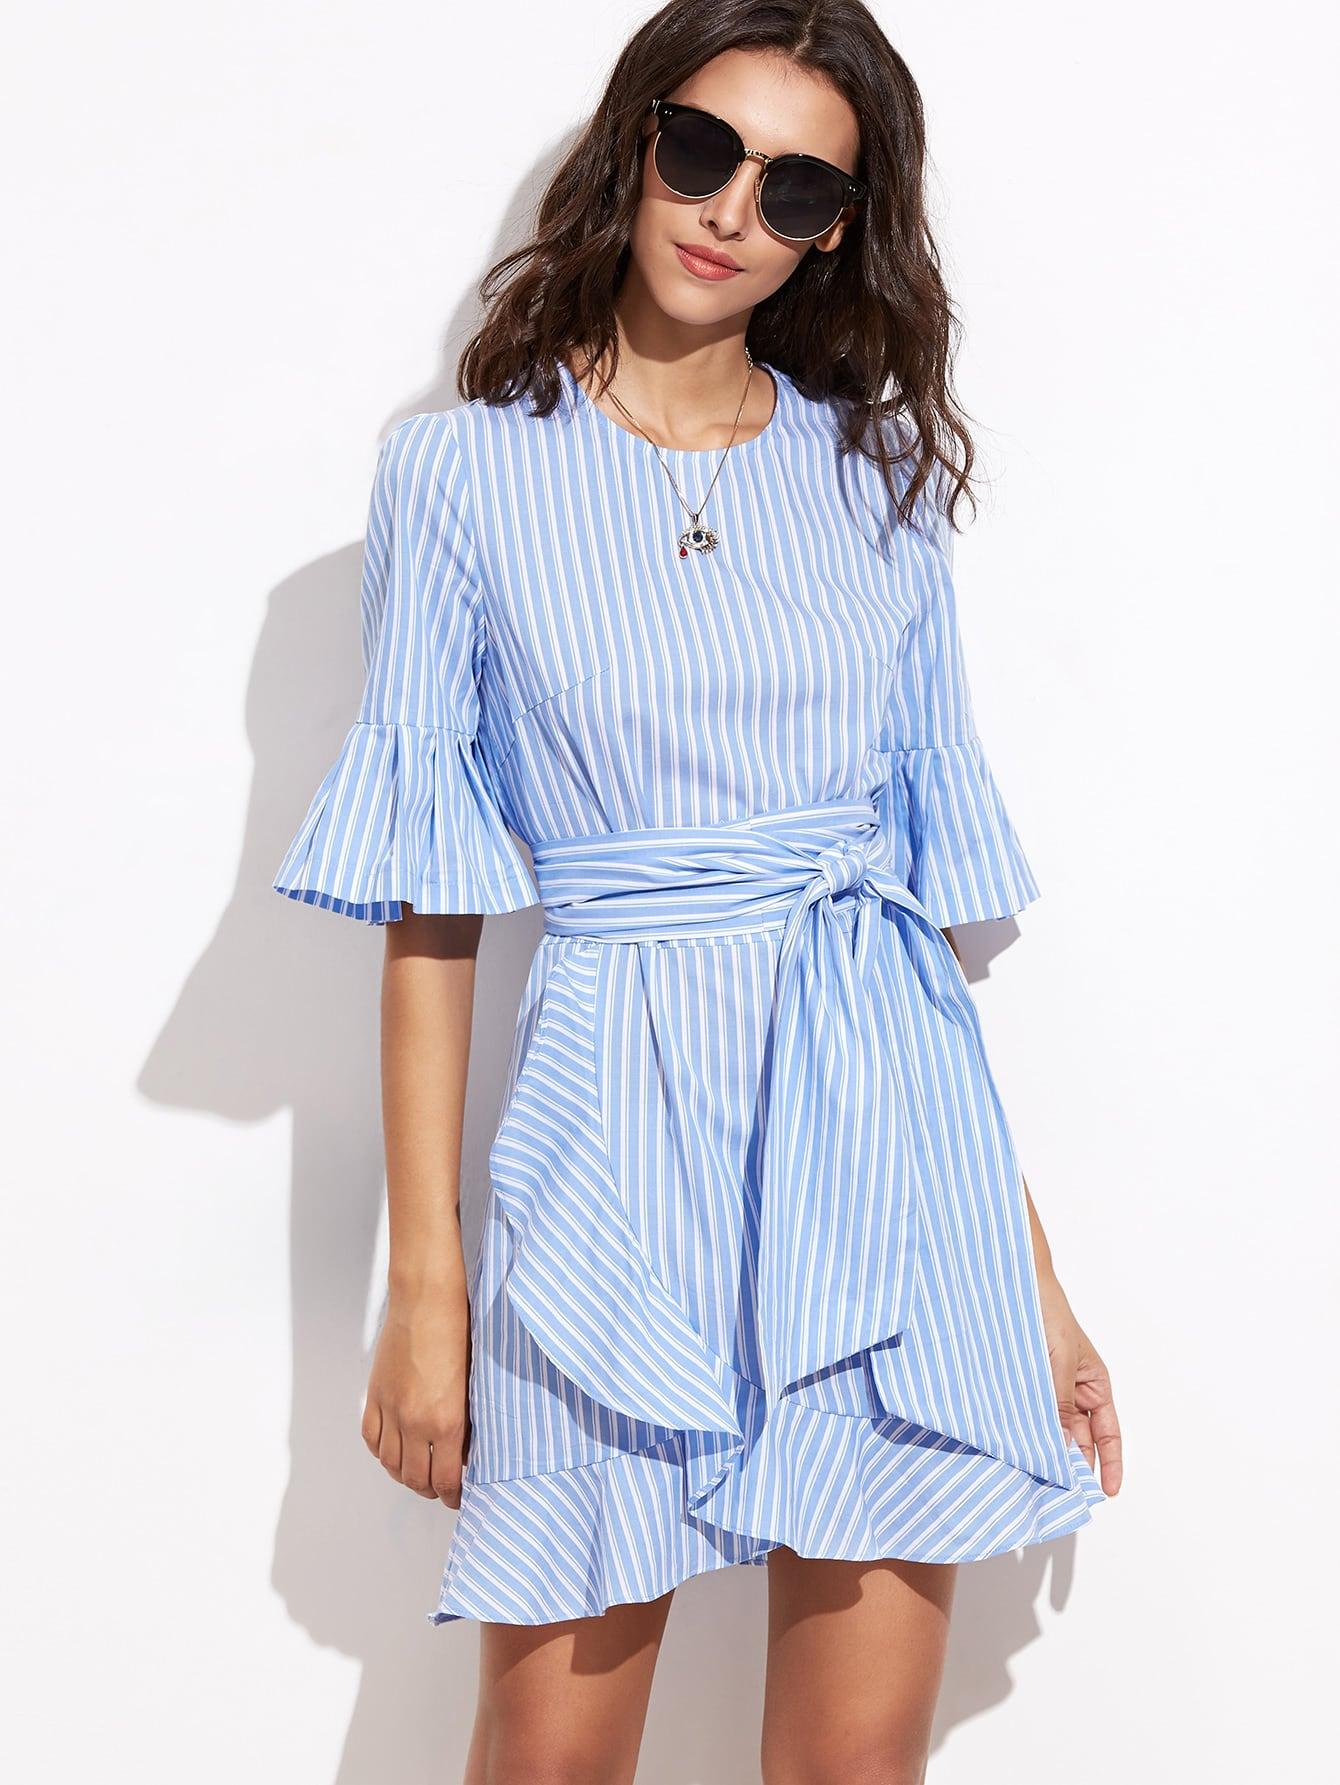 dress160913501_2